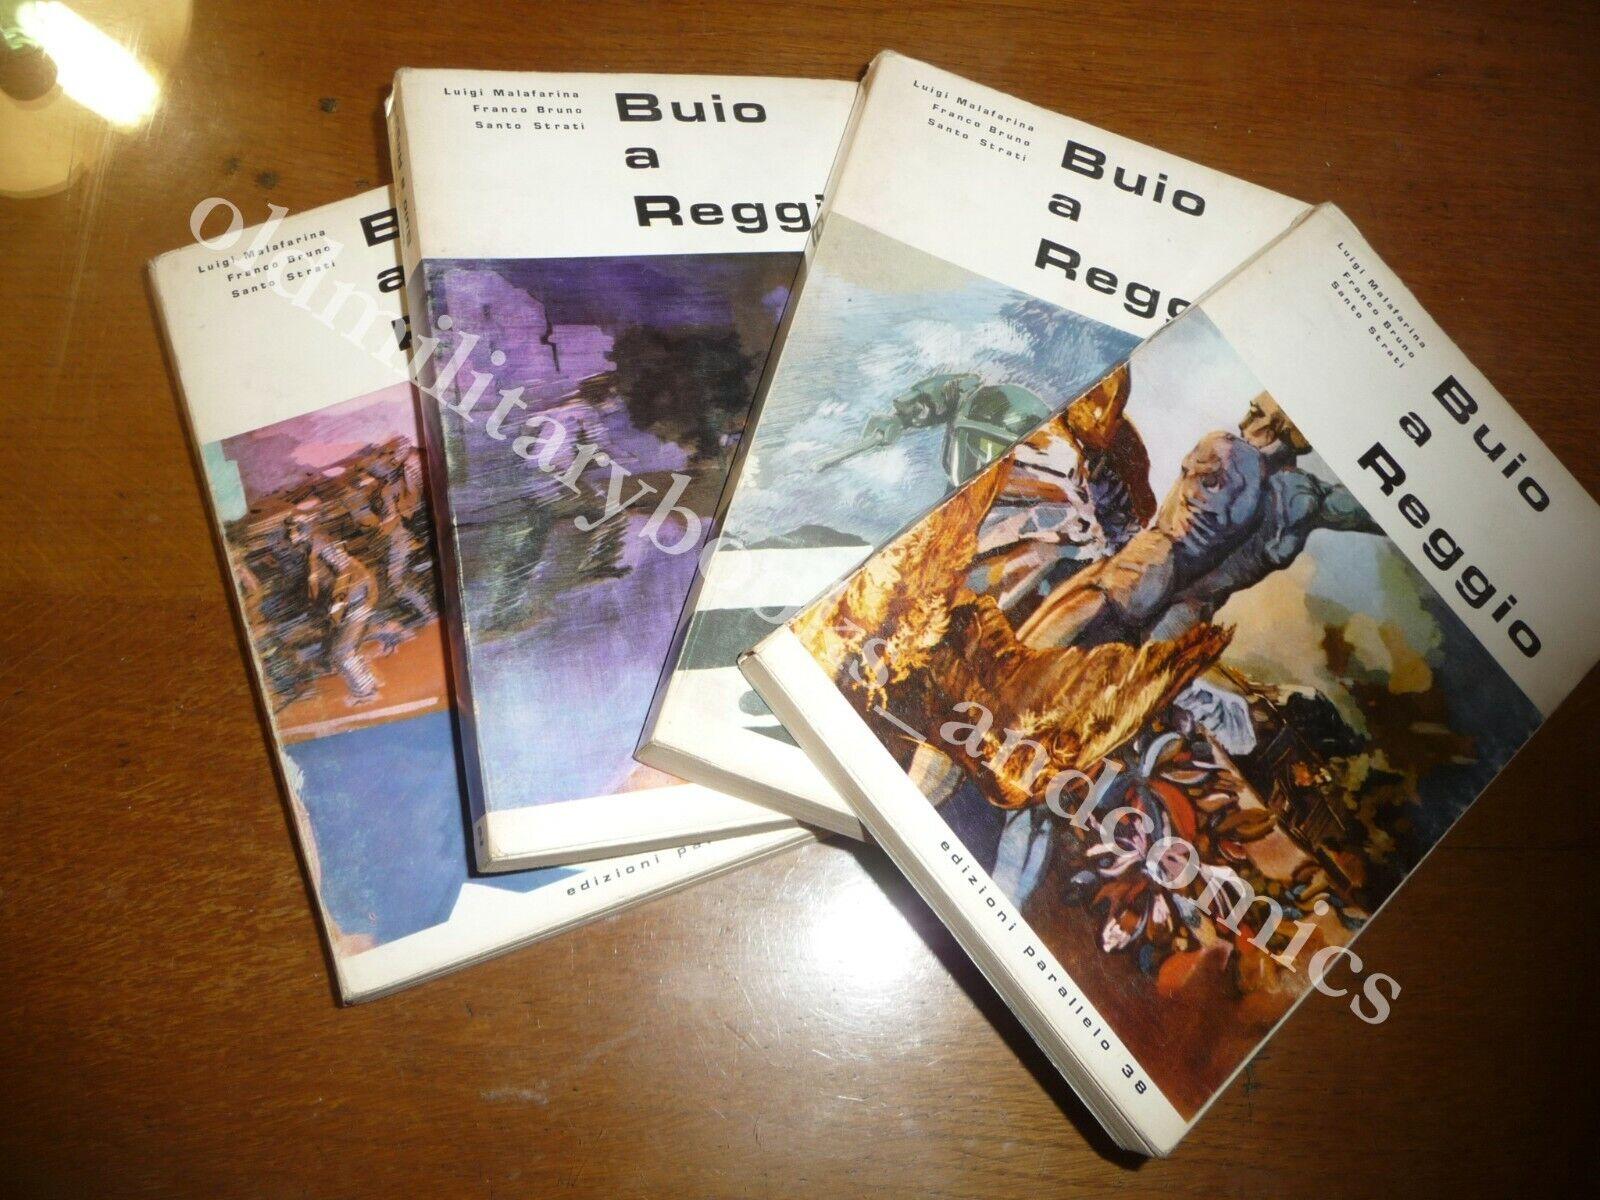 BUIO A REGGIO 4 Voll I DRAMMATICI INCIDENTI A REGGIO PER CATANZARO CAPOLUOGO MSI